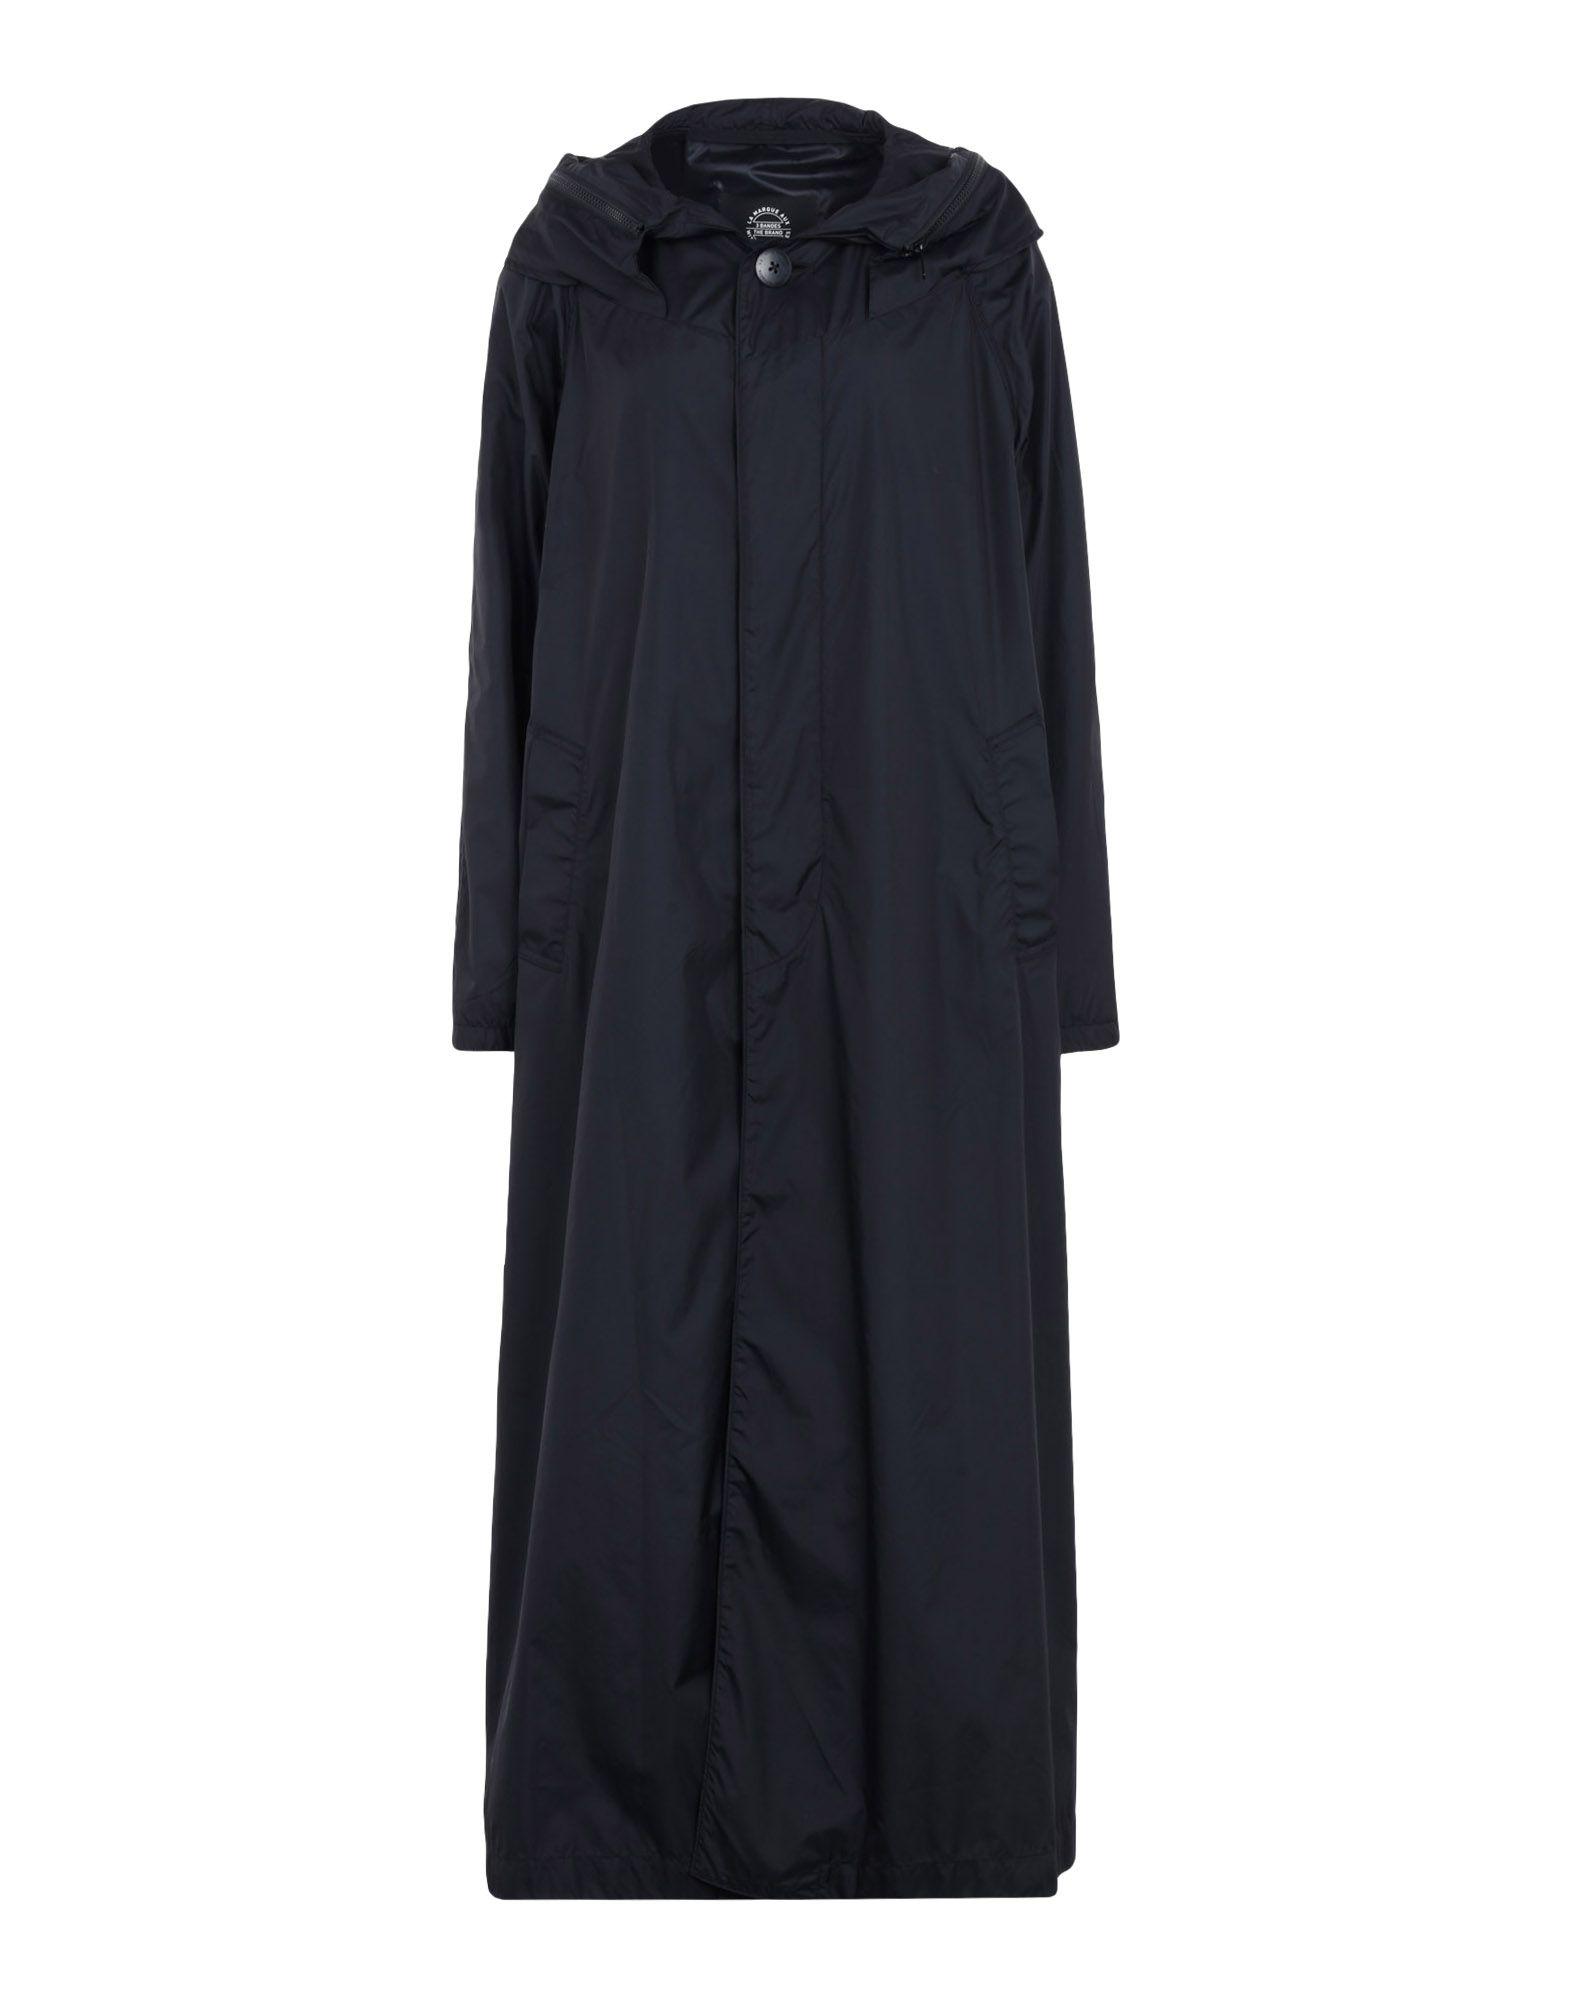 vente chaude pas cher nouvelle collection prix réduit Y 3 NYLON COAT Manteaux Longs | Adidas Y-3 Site Officiel